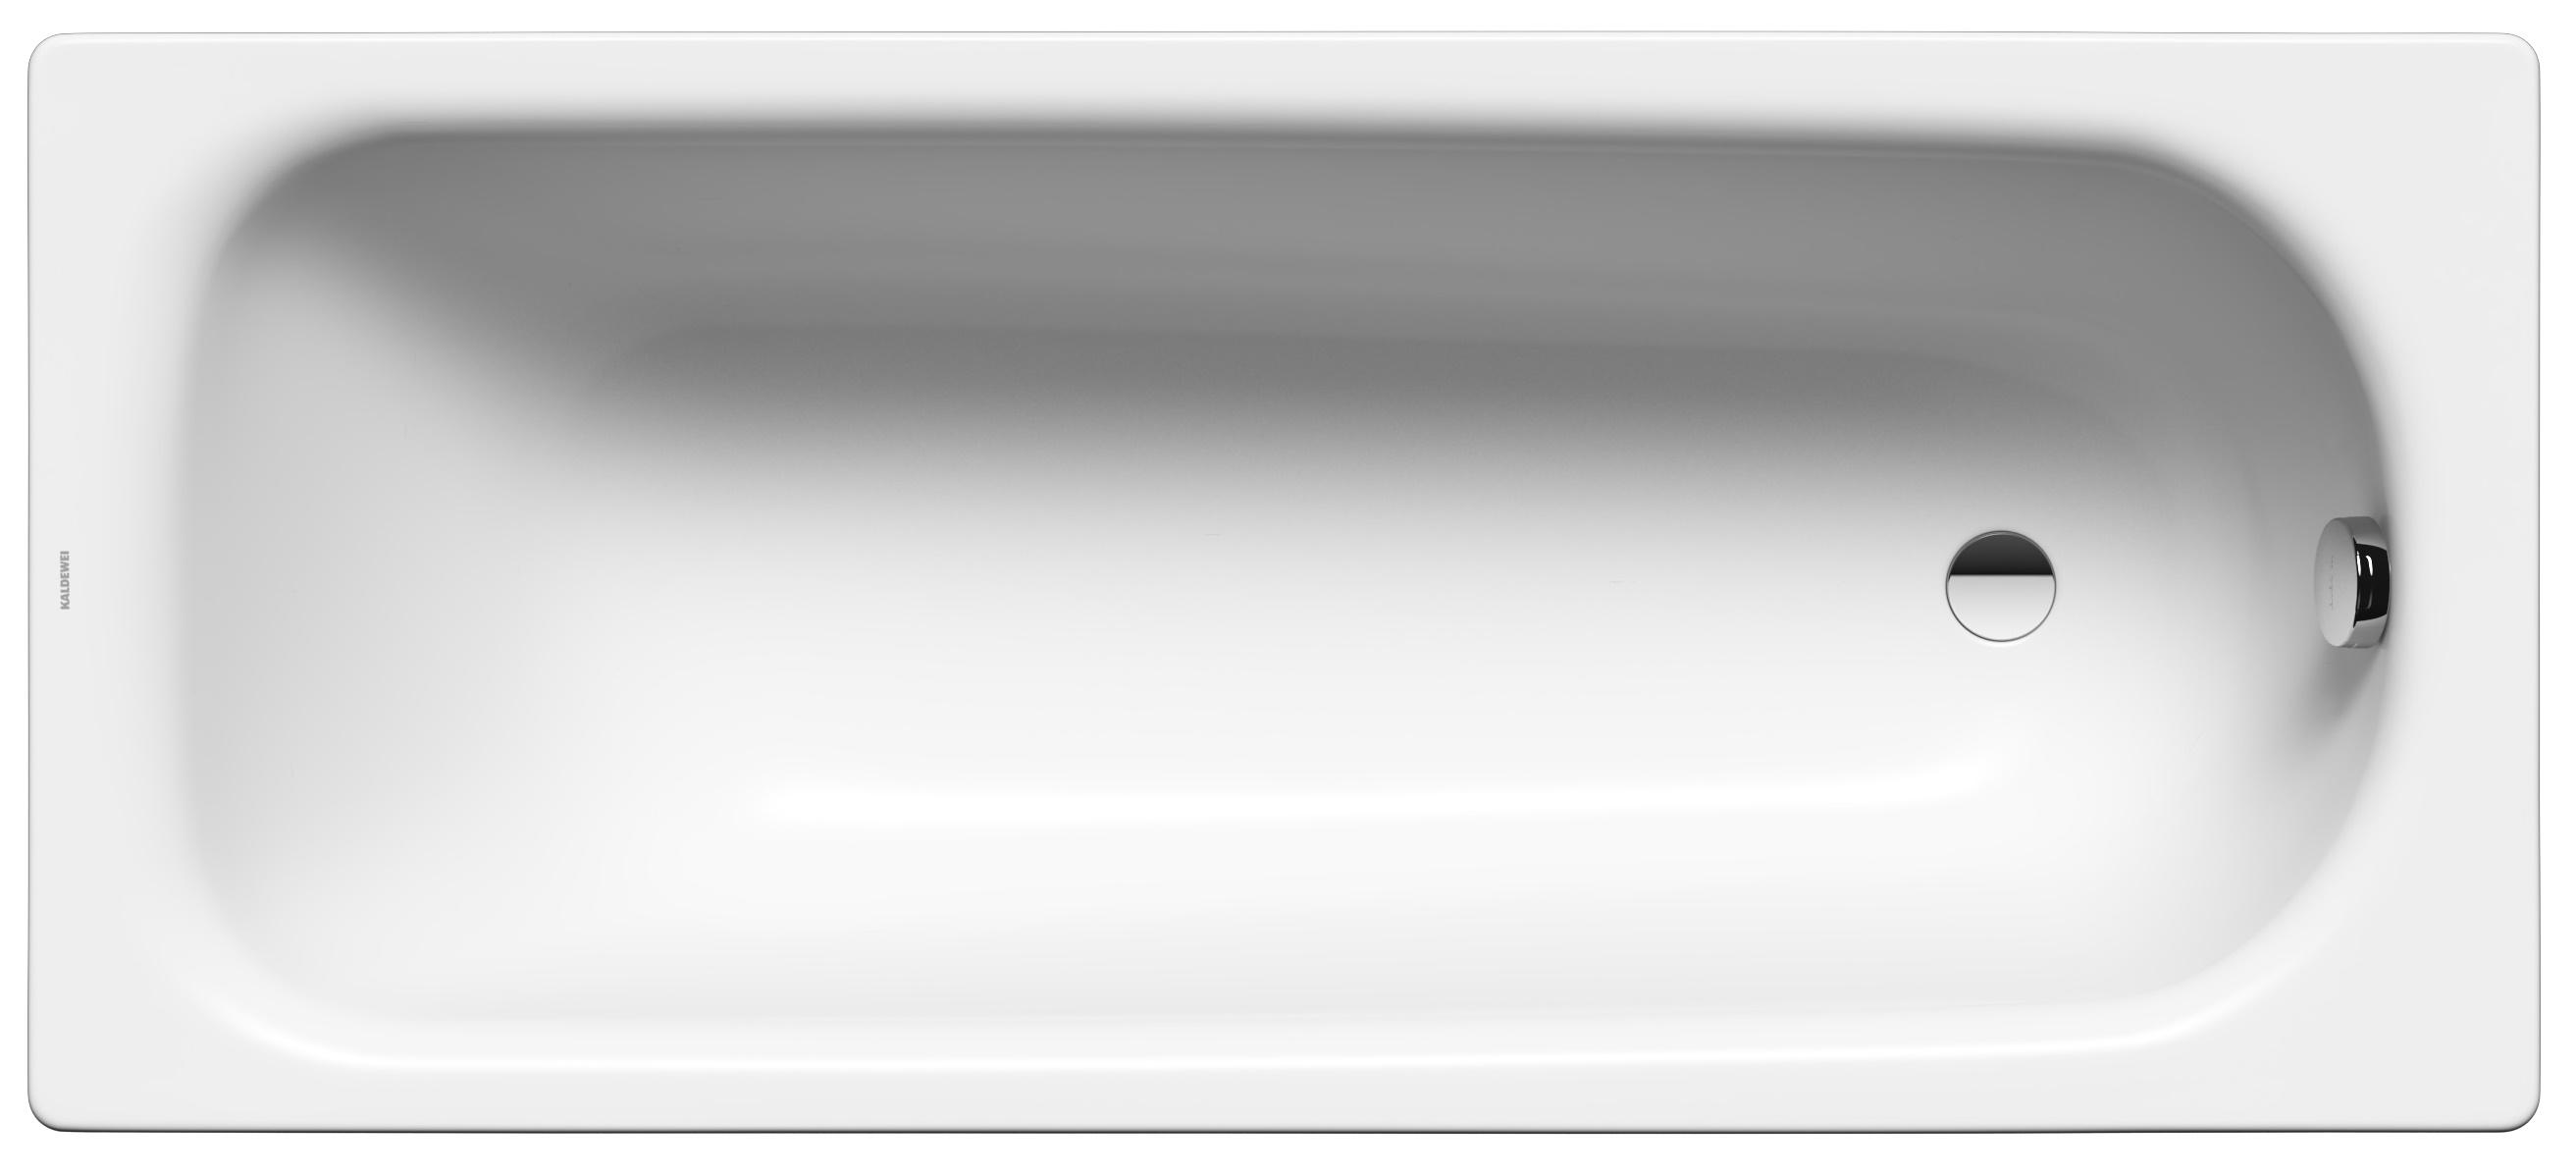 Kaldewei Saniform Plus - ocelová vana obdélníková 150 x 70 x 41 cm 361-1